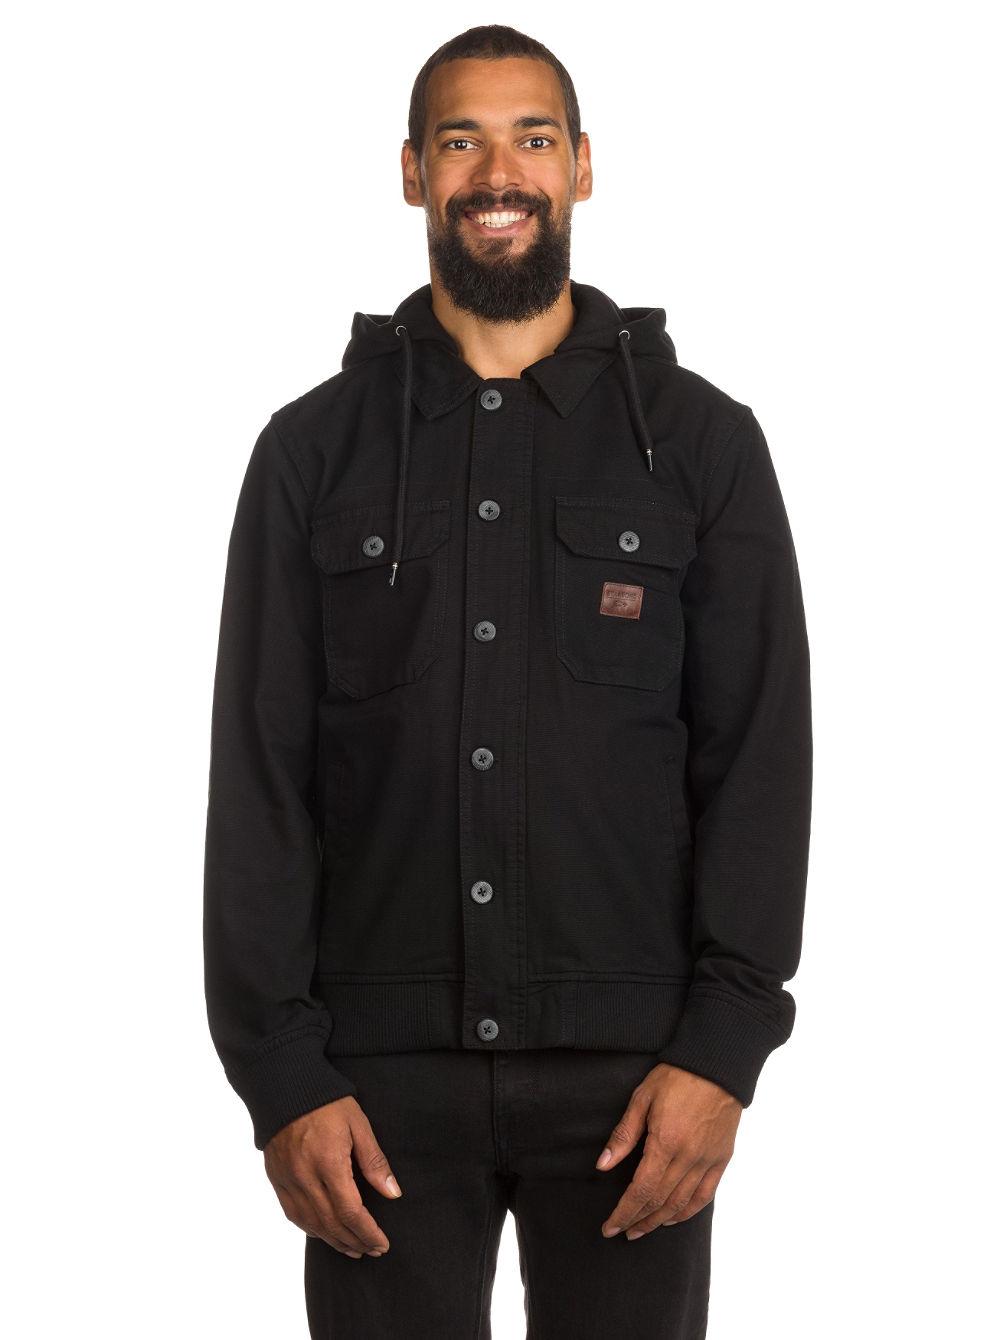 e5d405d7ed8f Buy Billabong Banger Jacket online at Blue Tomato